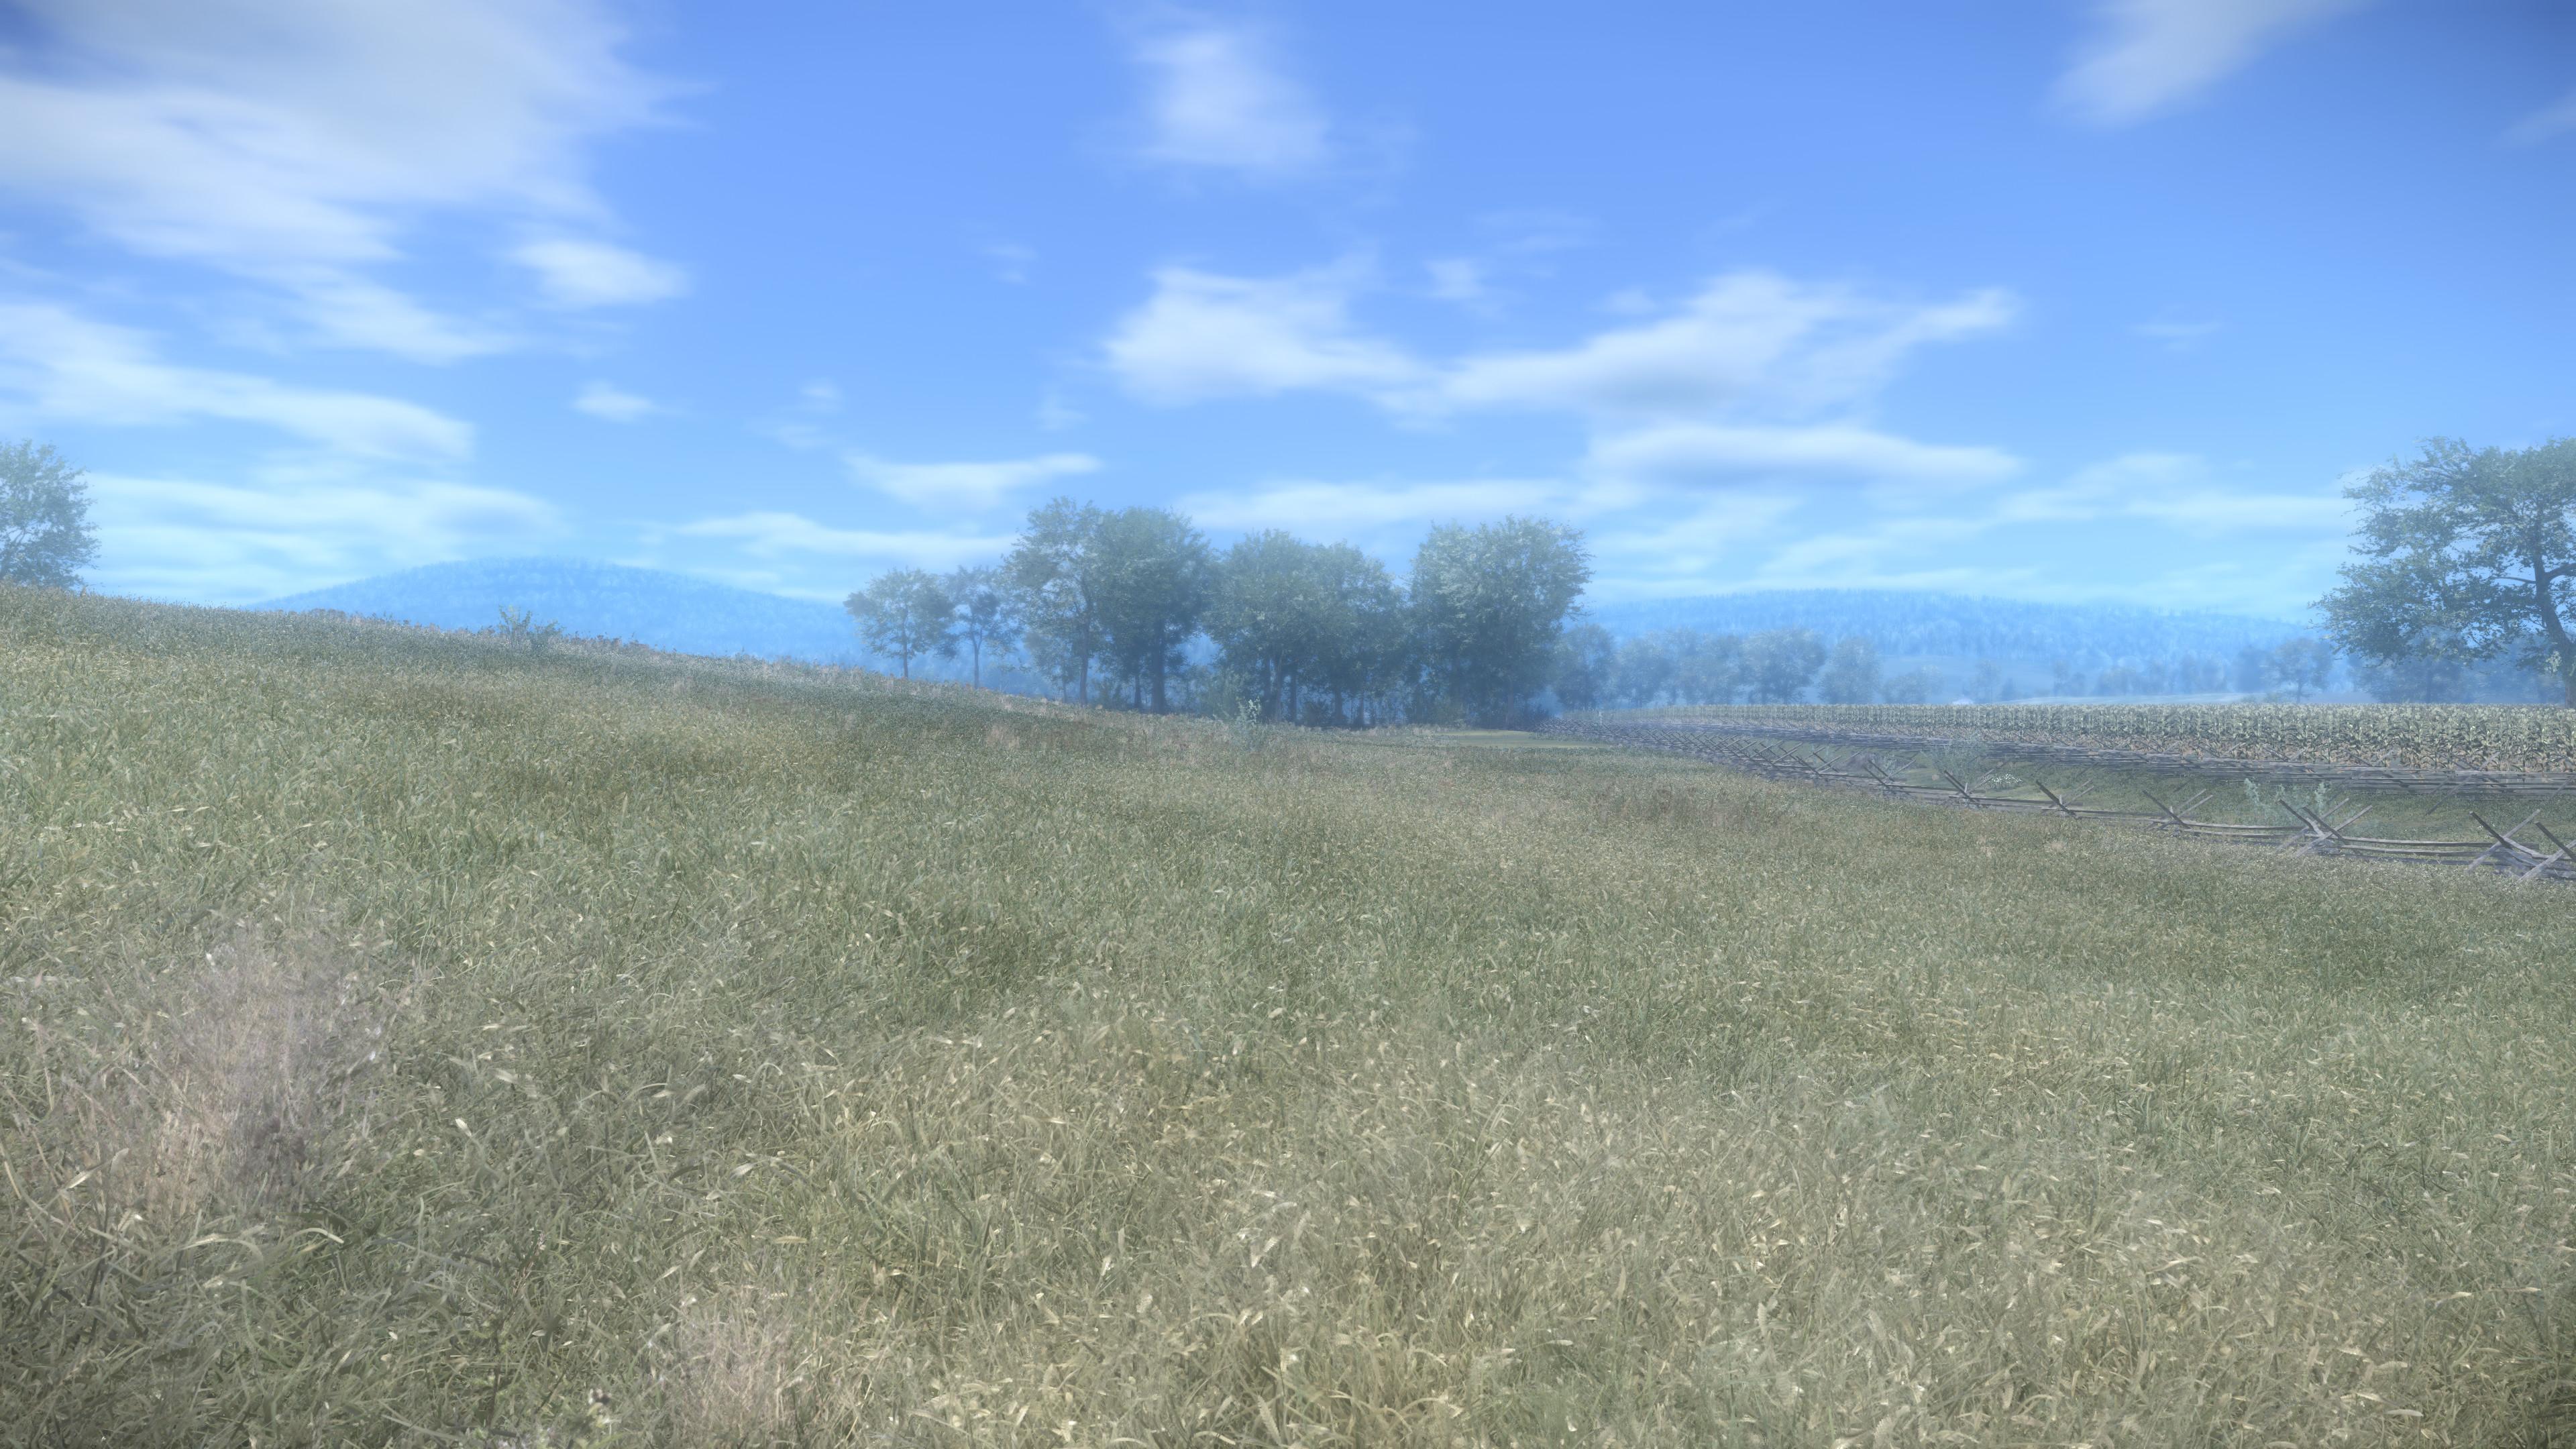 Sunken Road 2